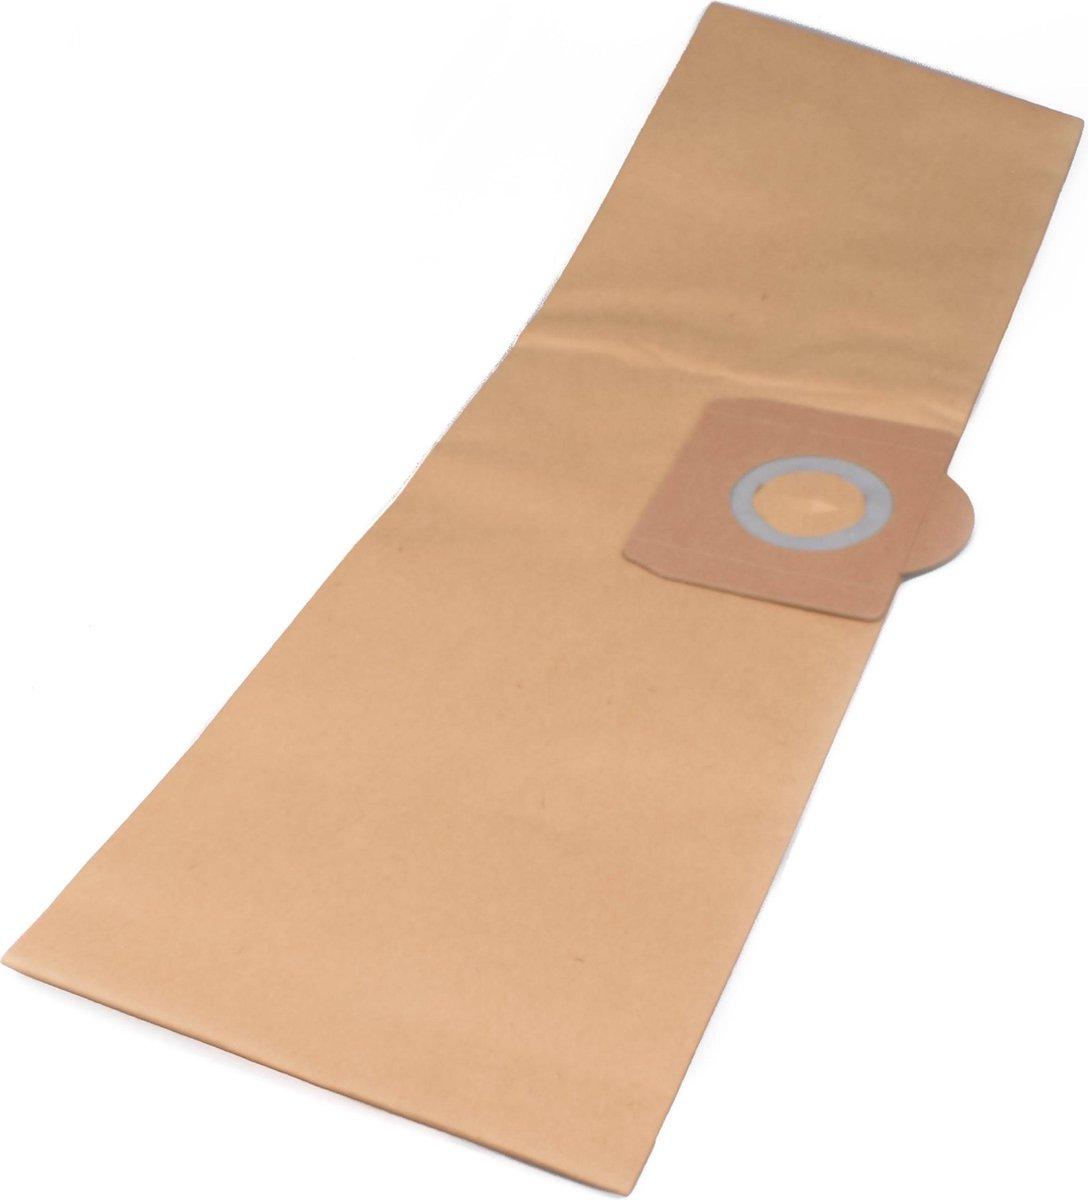 Túi giấy lọc bụi GAS 11-21 2605411150 Bosch